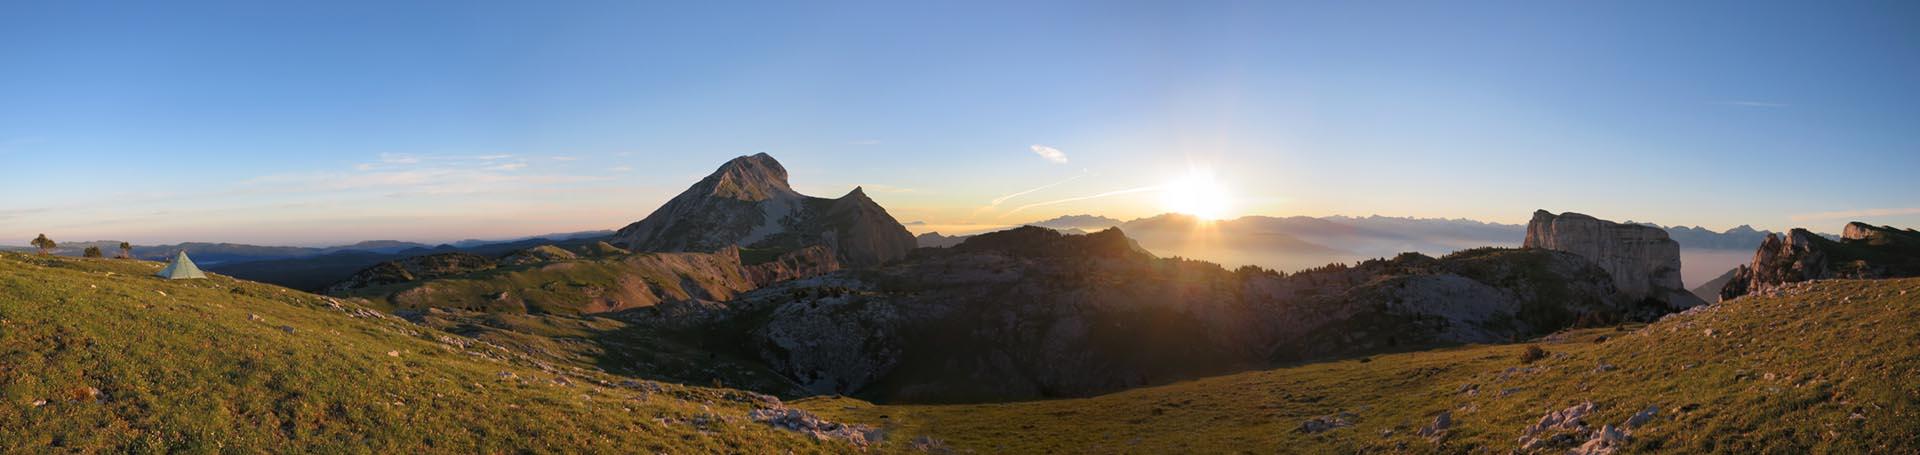 Panorama Mont Aiguille Bivouac Lever Soleil Alpes Grand Veymont Hauts Plateaux Vercors Itinerance Sejour Trek Tente Slow Rando